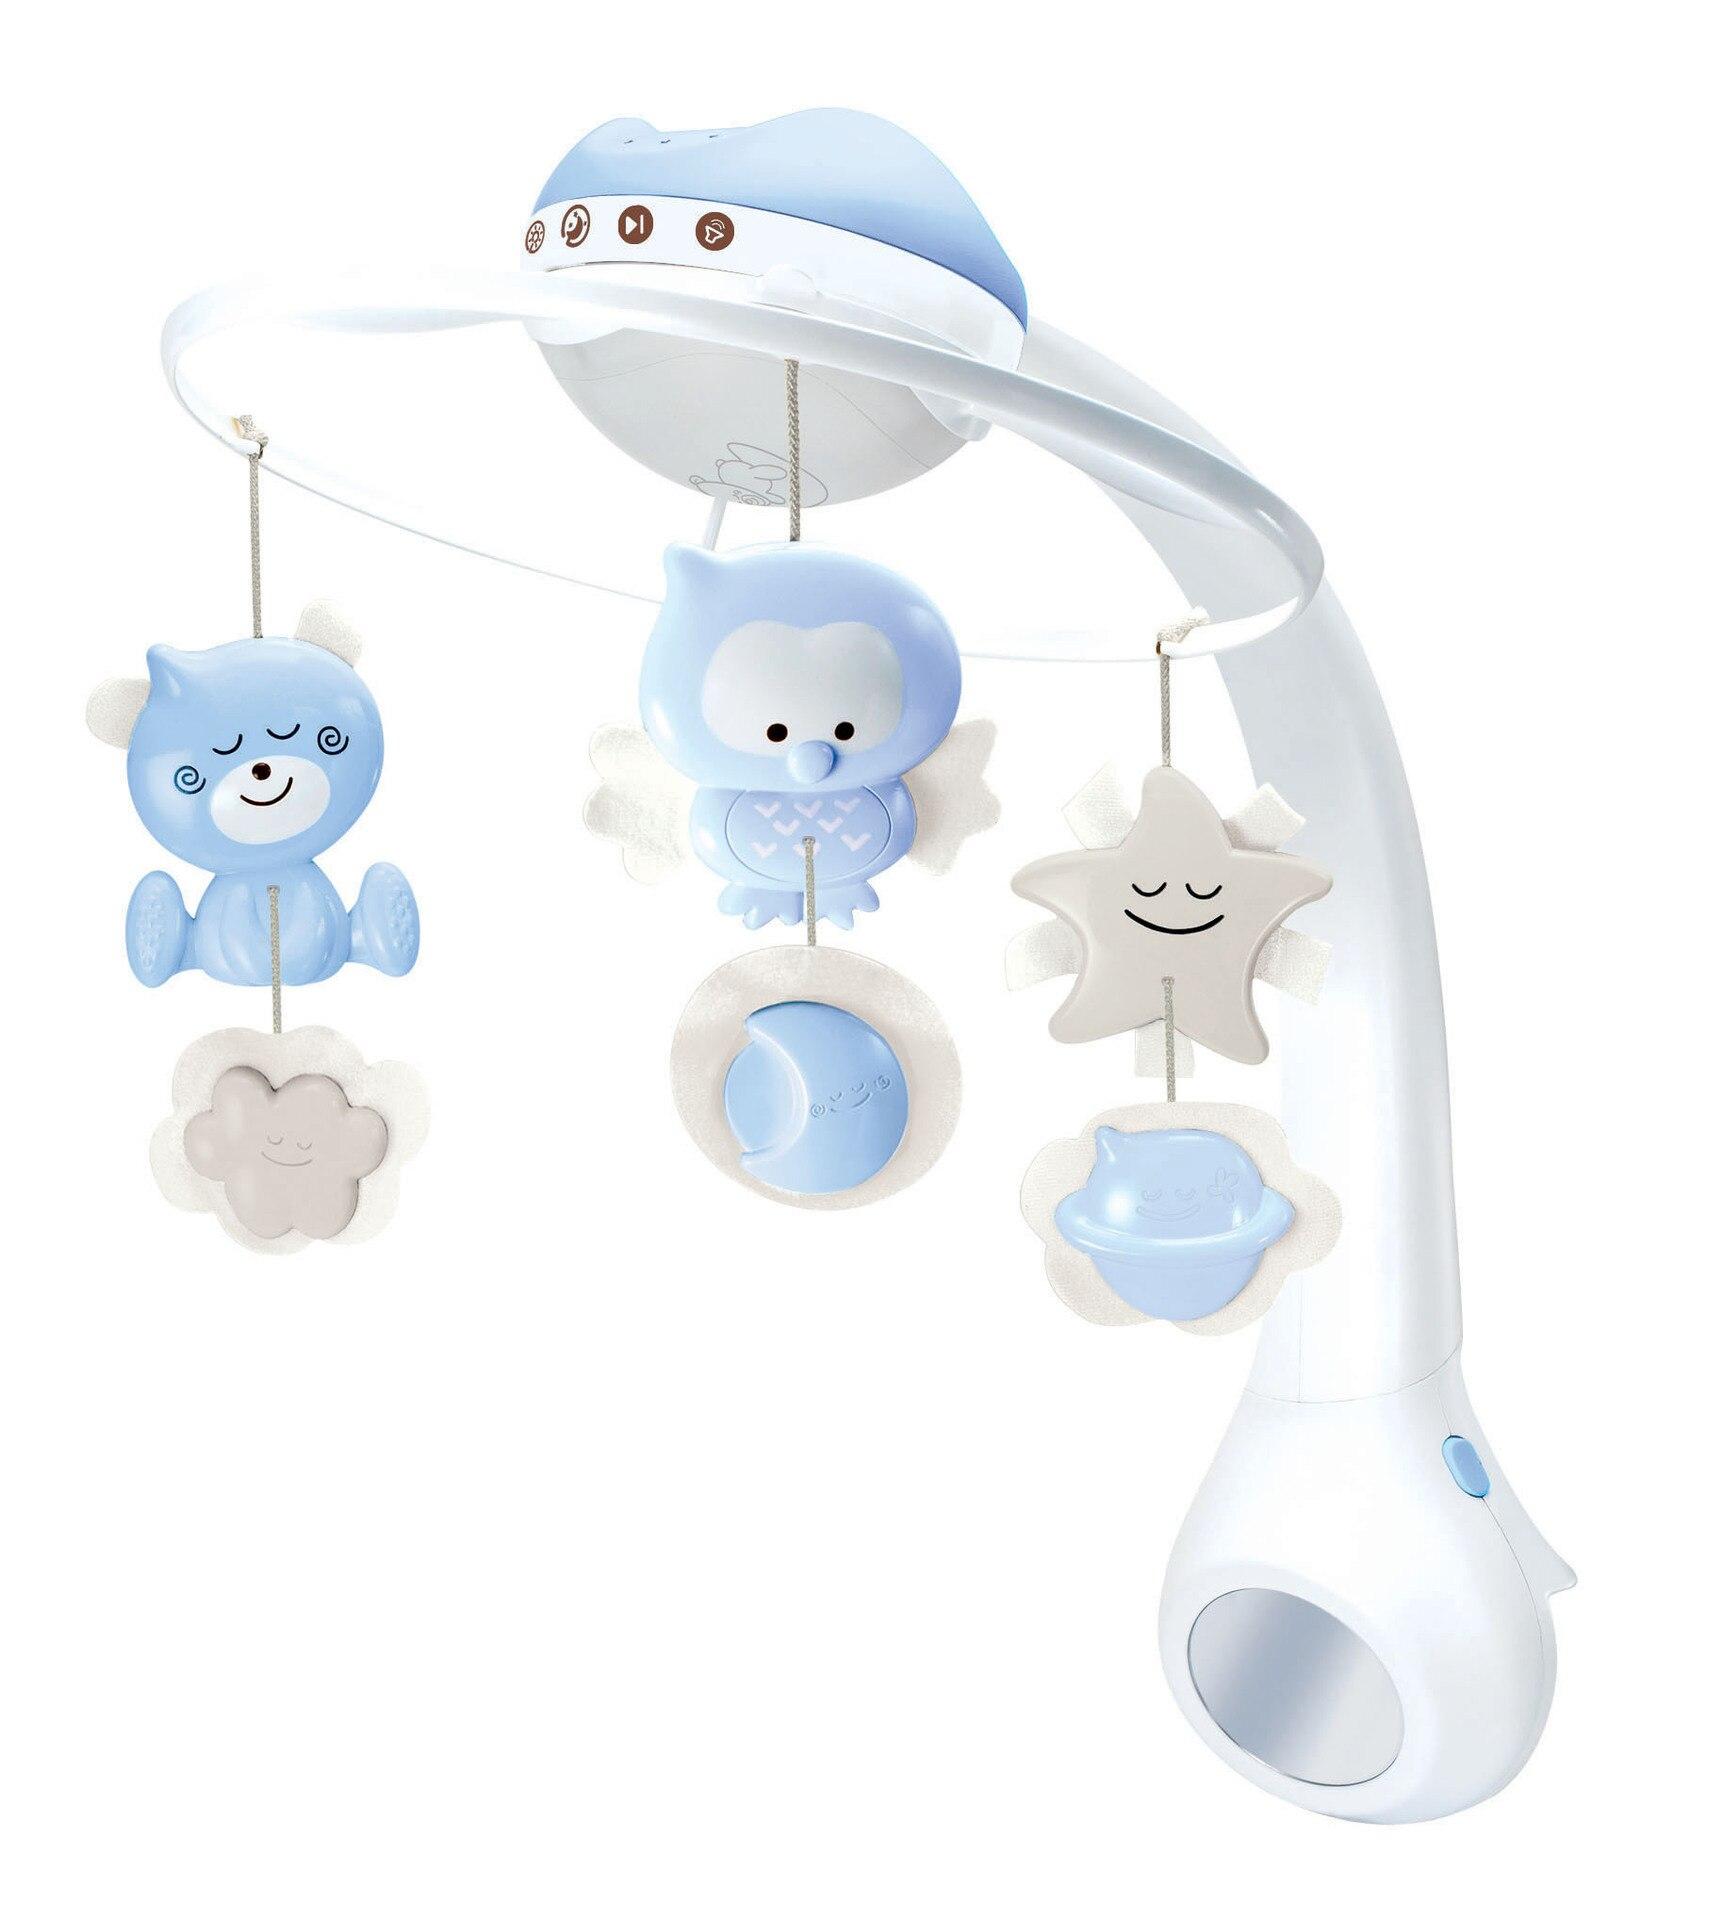 In America Infantino Infantile star Proiezione Tre in One Dreamy Letto Campana Carillon Campana Pacificare Lampada di Proiezione di Sonno